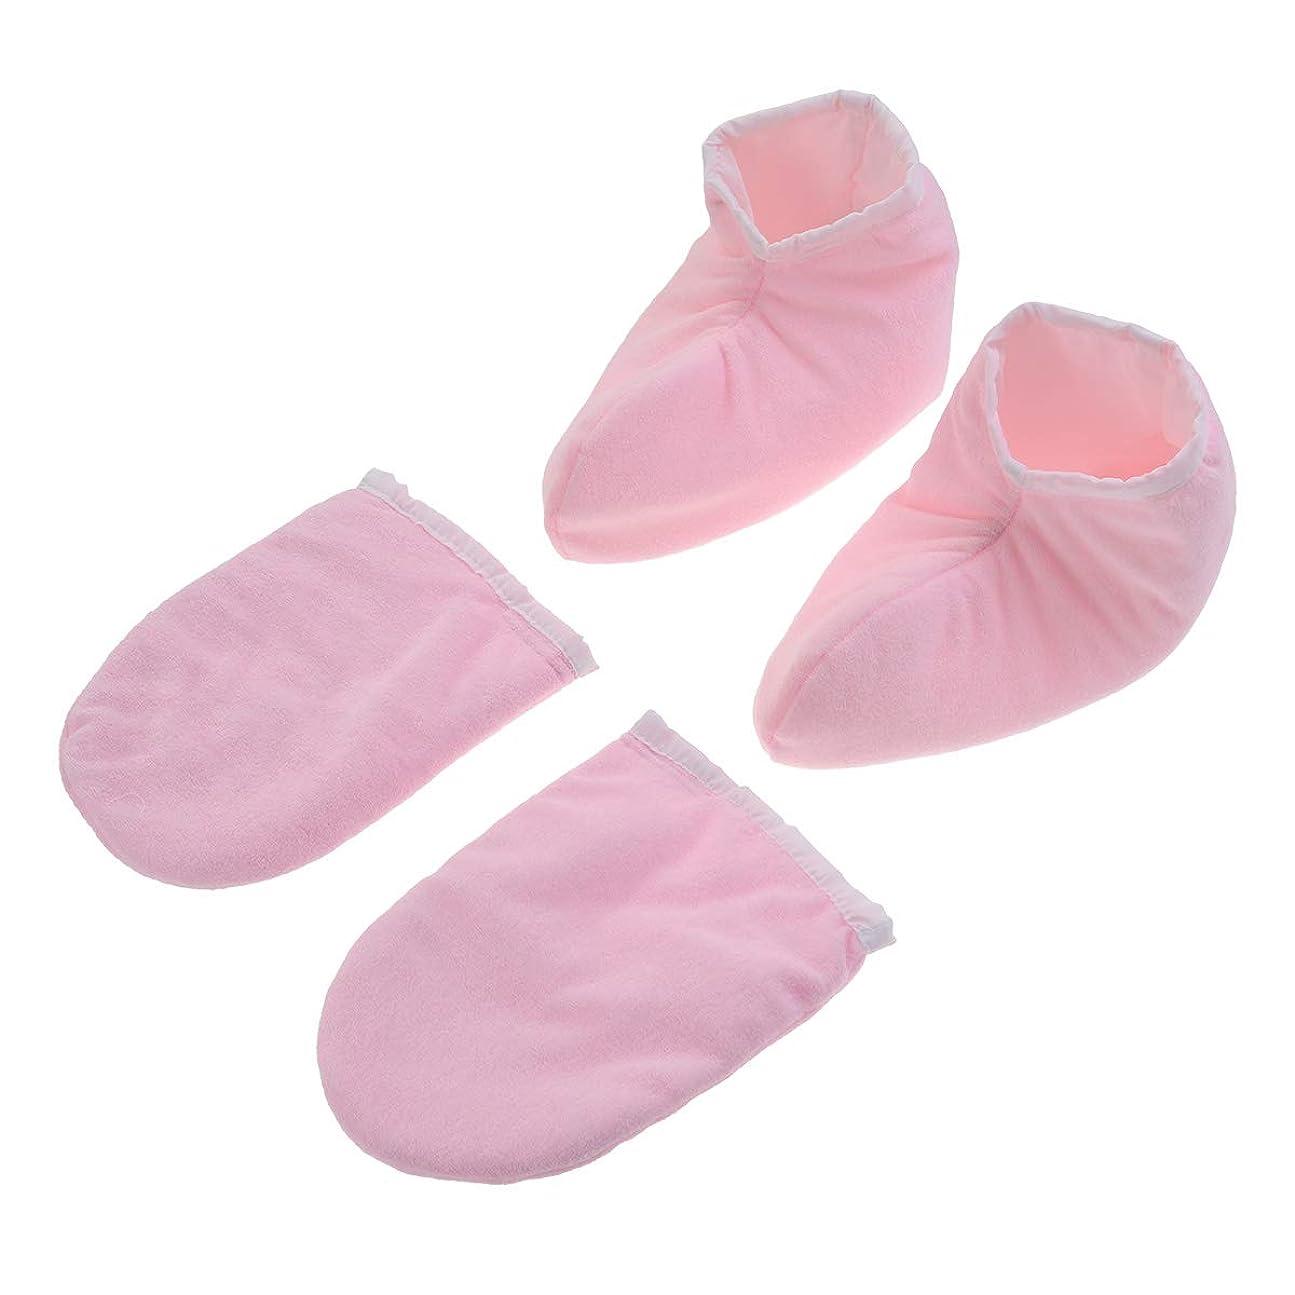 成人期競うアルプスLurrose 2ペアパラフィンワックス手袋ハンドフィートトリートメントミットビューティーハンドミットセラピースパミトン女性のための美容(ピンク)